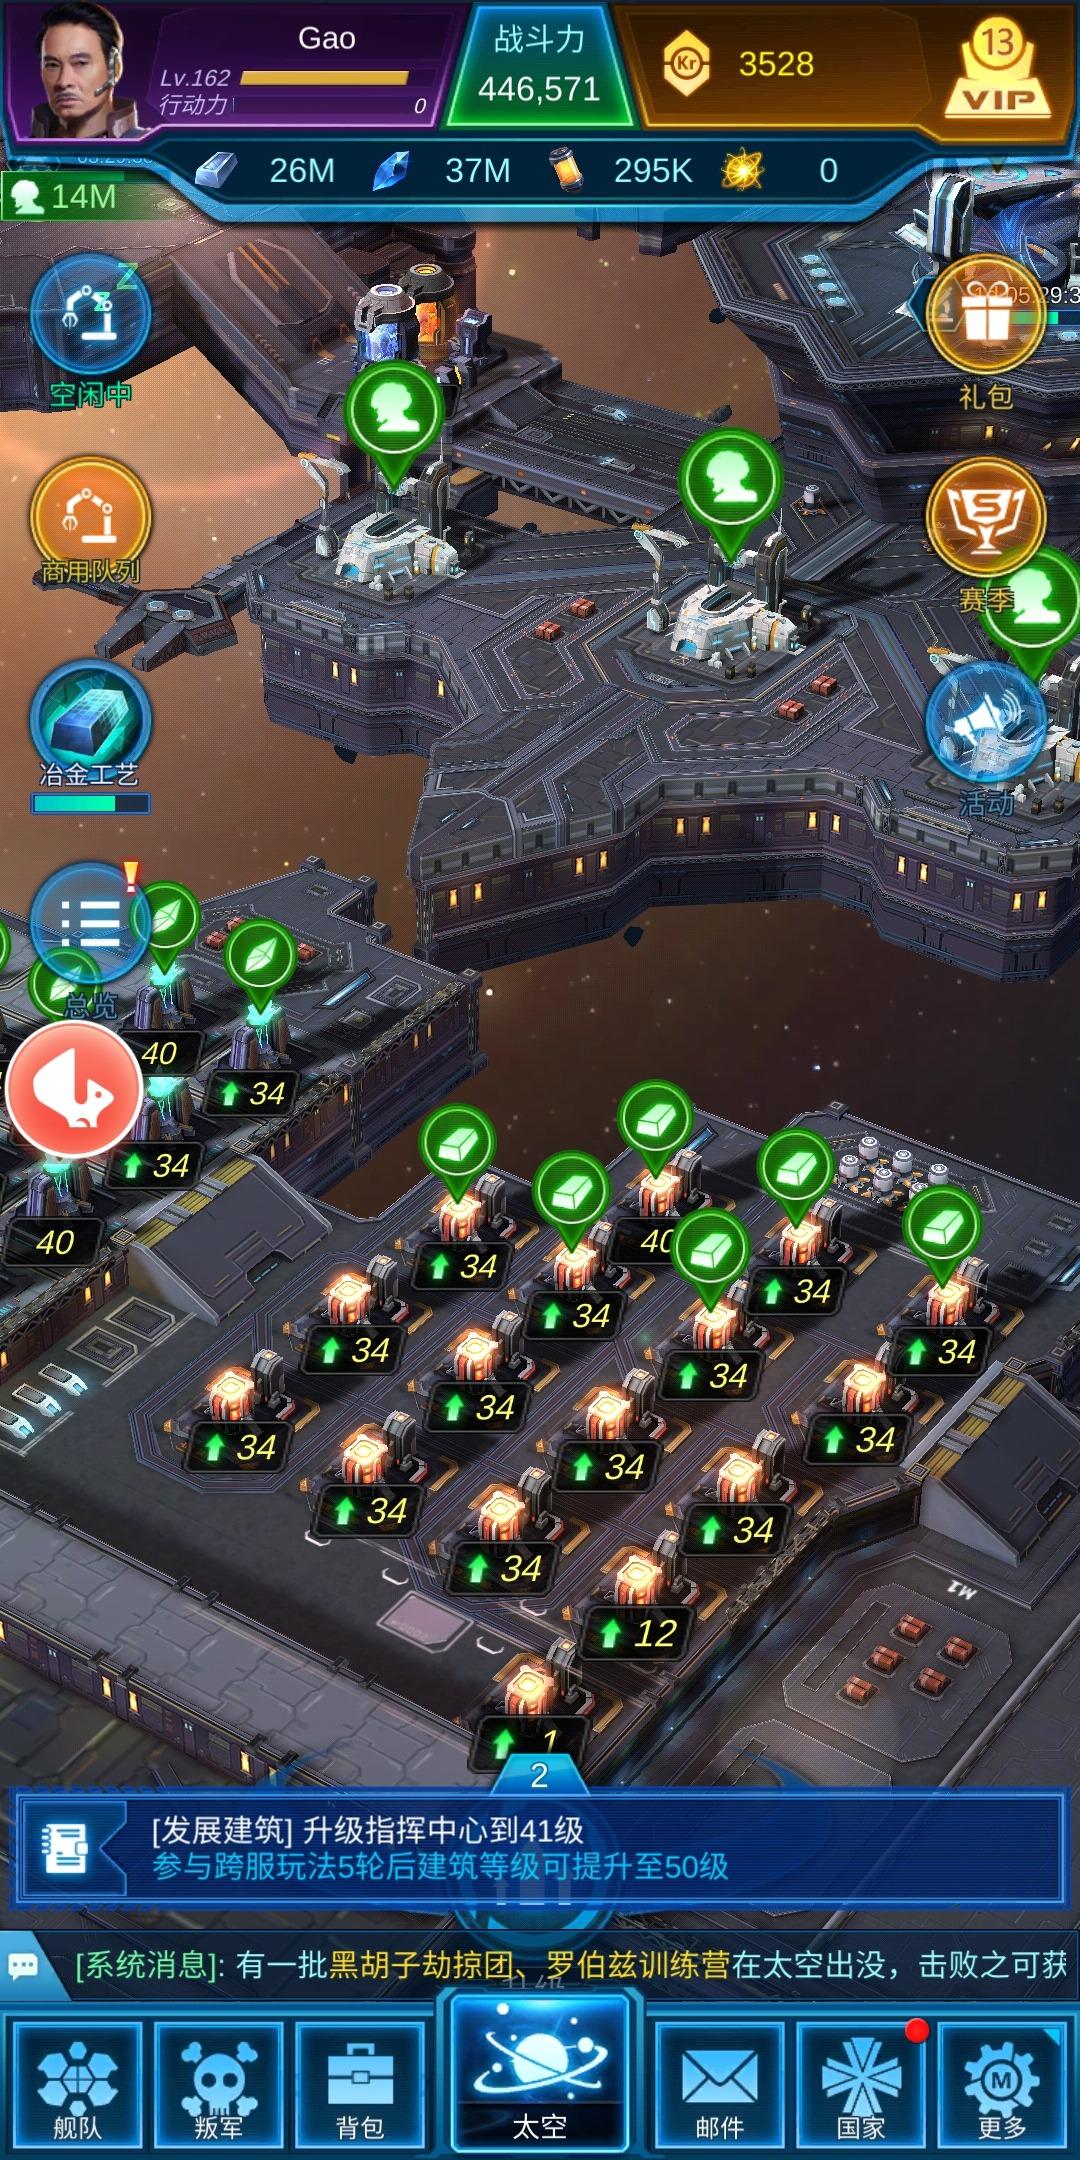 Screenshot_2020-04-27-18-03-21-770_com.xhzfz.mobile.xjjd.jpg